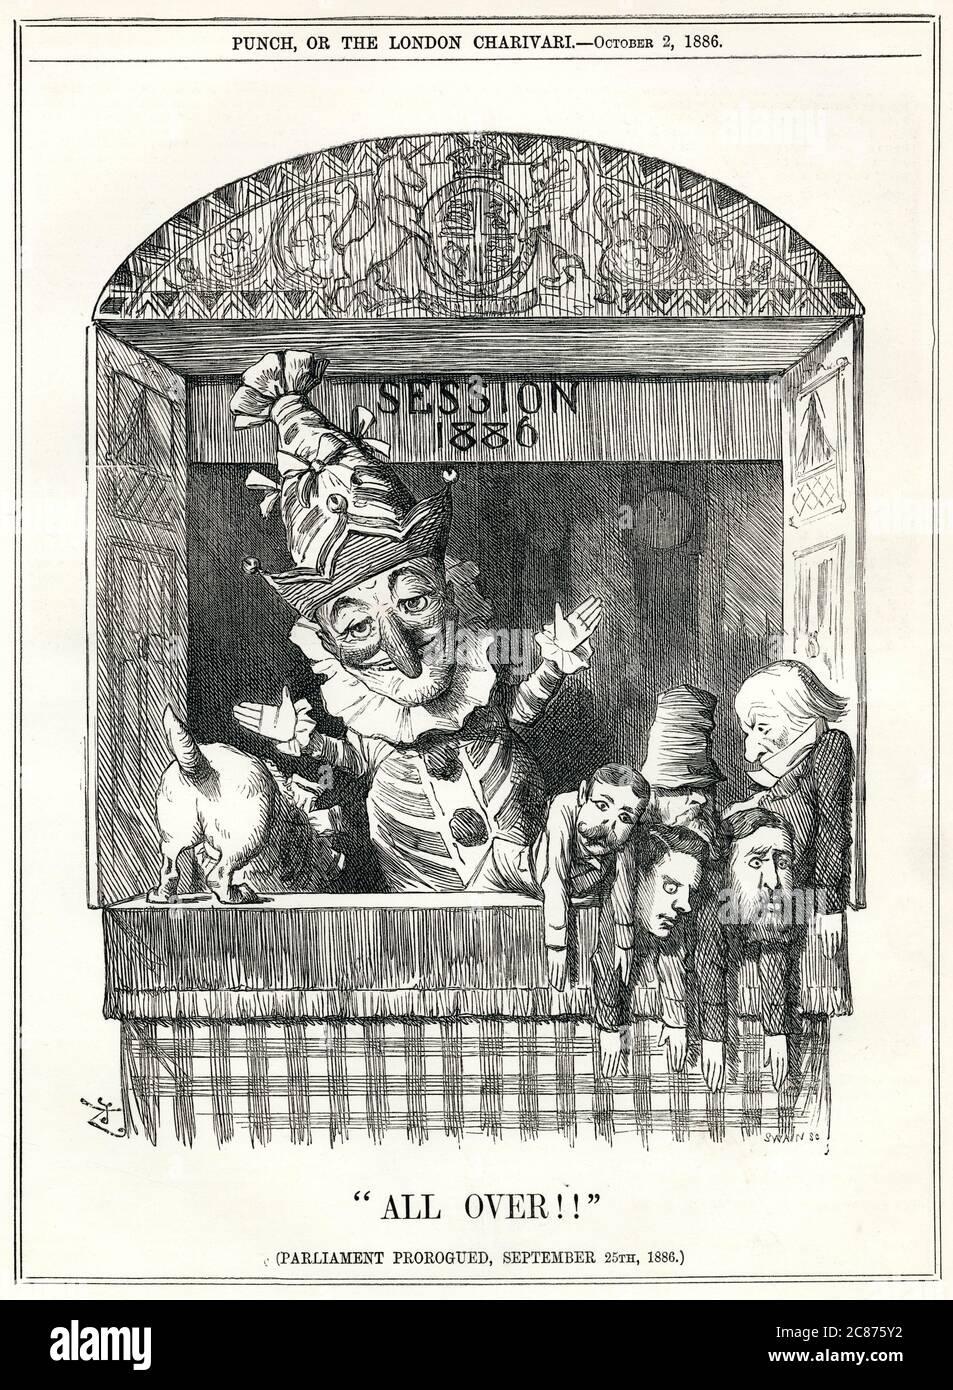 Caricature, partout !! Les députés britanniques représentés comme des marionnettes à gants, écartés par M. Punch le marionnetmaster alors que la session parlementaire de 1886 prend fin. Date: 1886 Banque D'Images